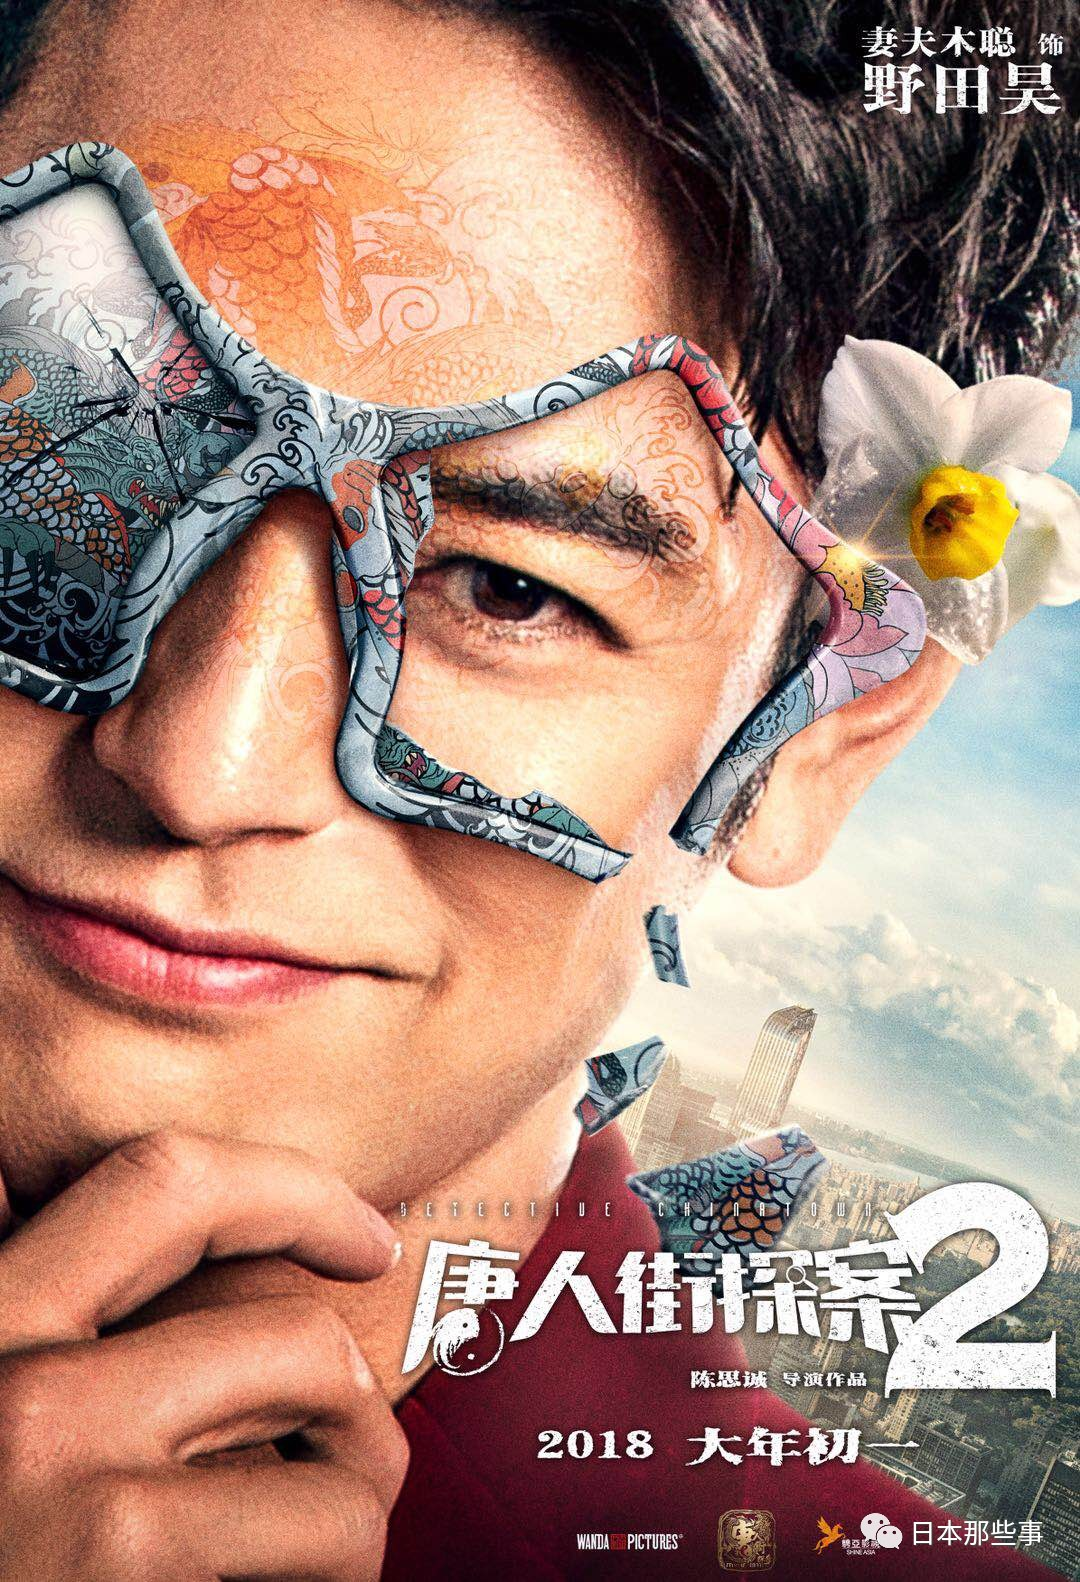 万万没想到 妻夫木聪和王宝强合拍了一部电影